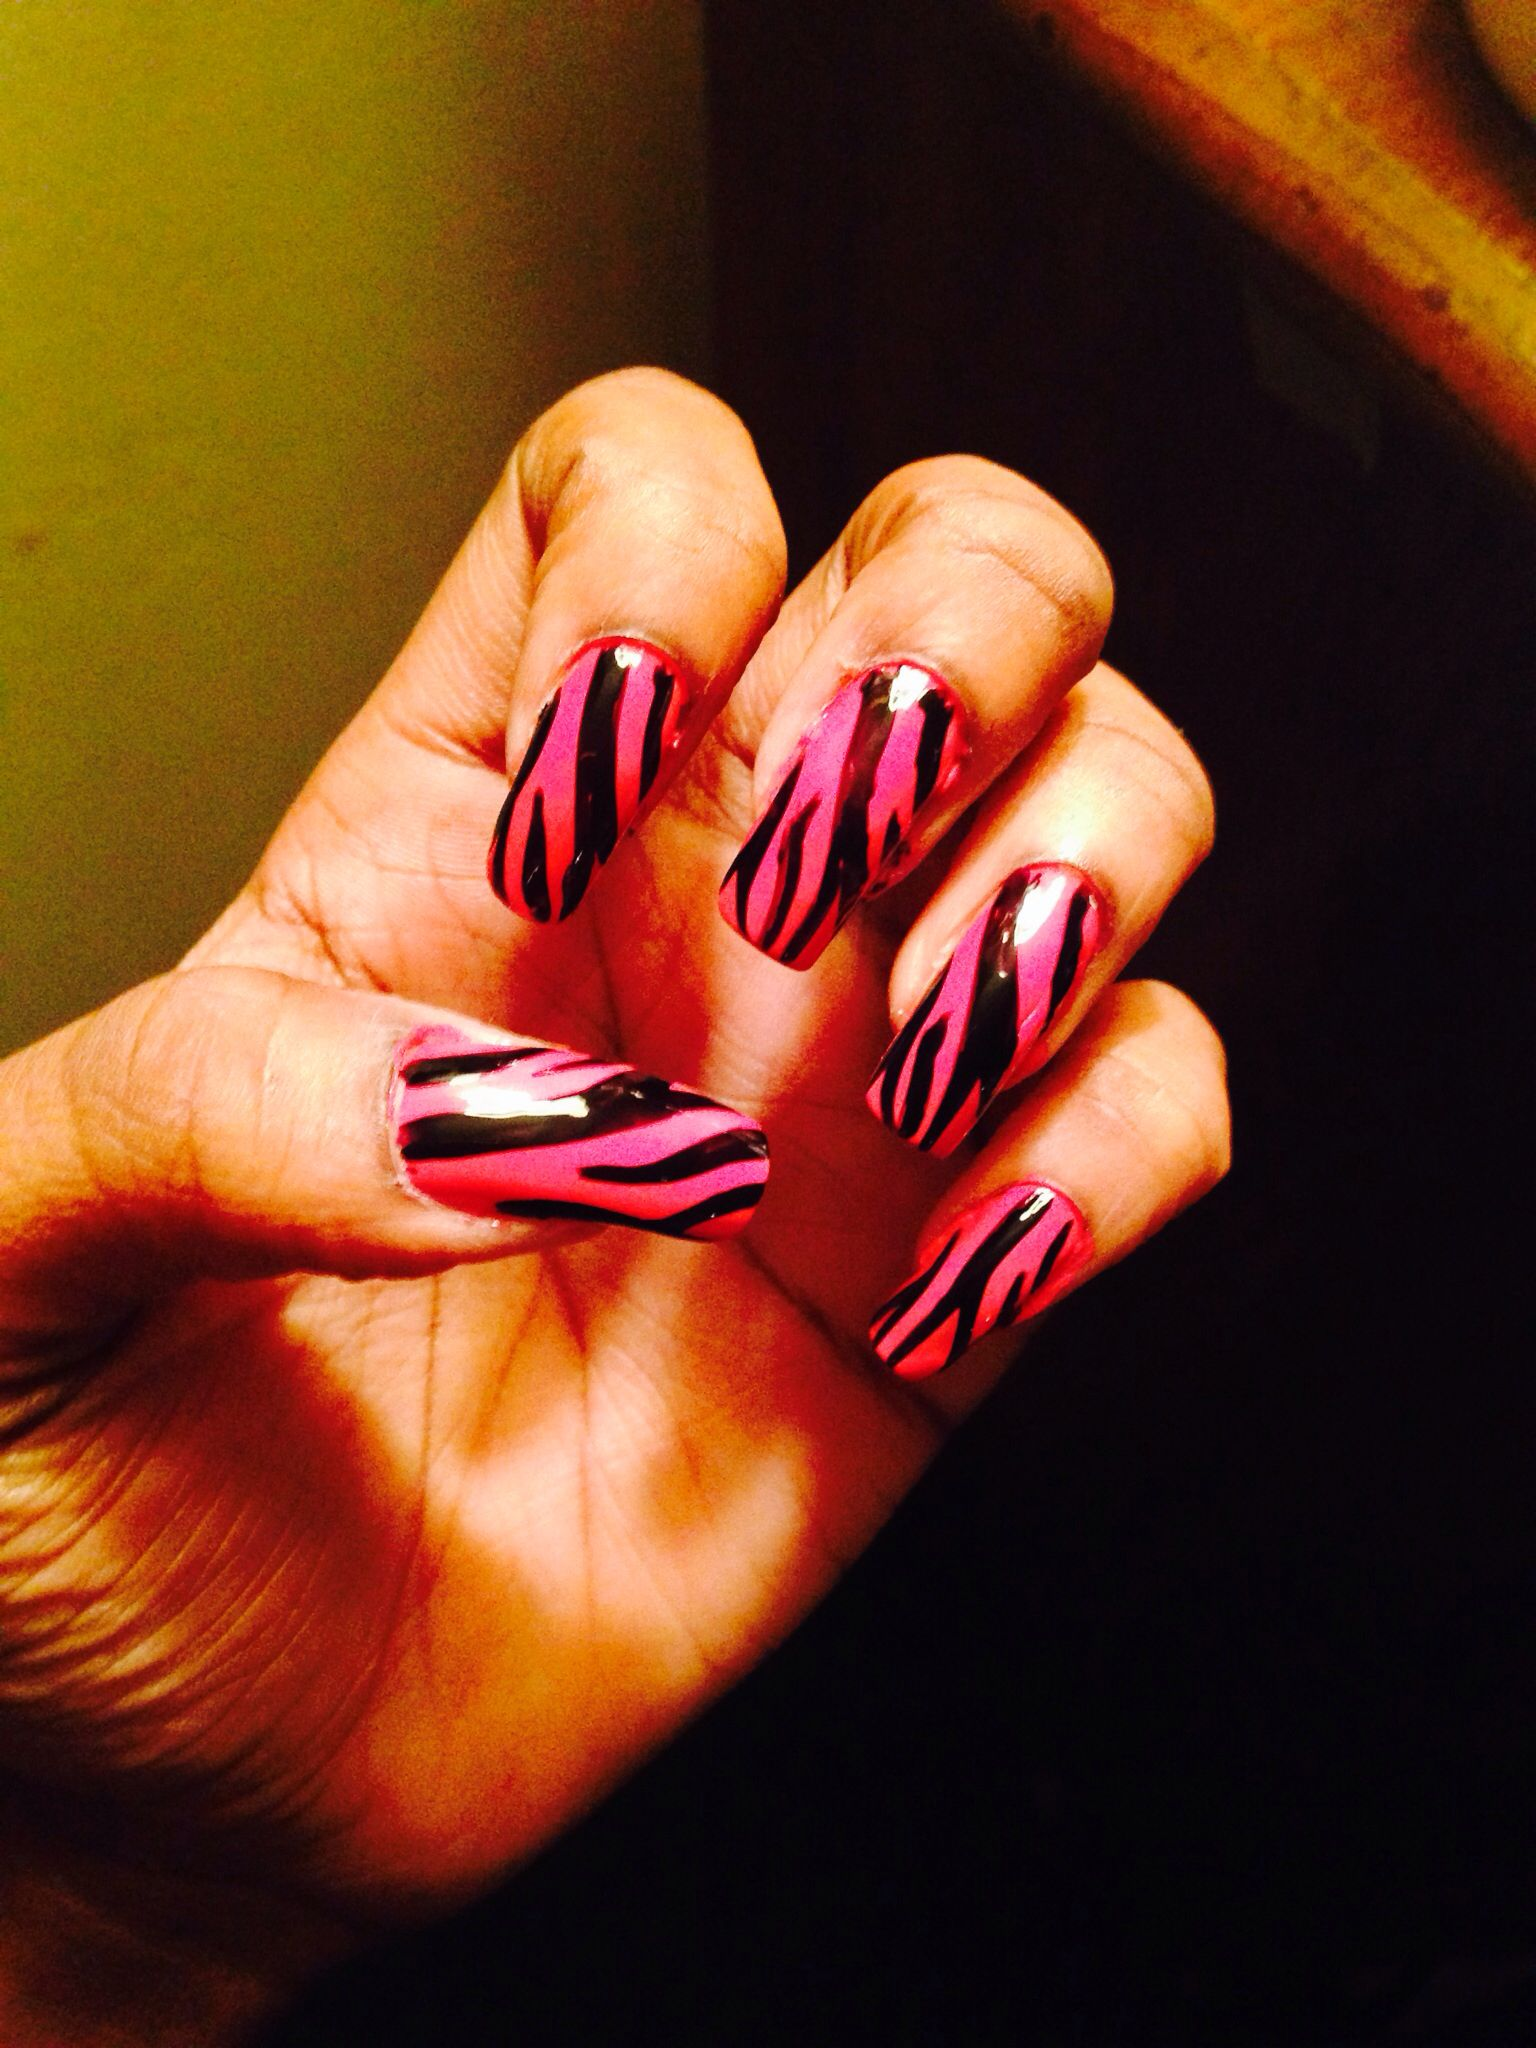 Pink zebra nails nails pinterest - Pink Zebra Pink Zebra Pink Zebrazebrasnails